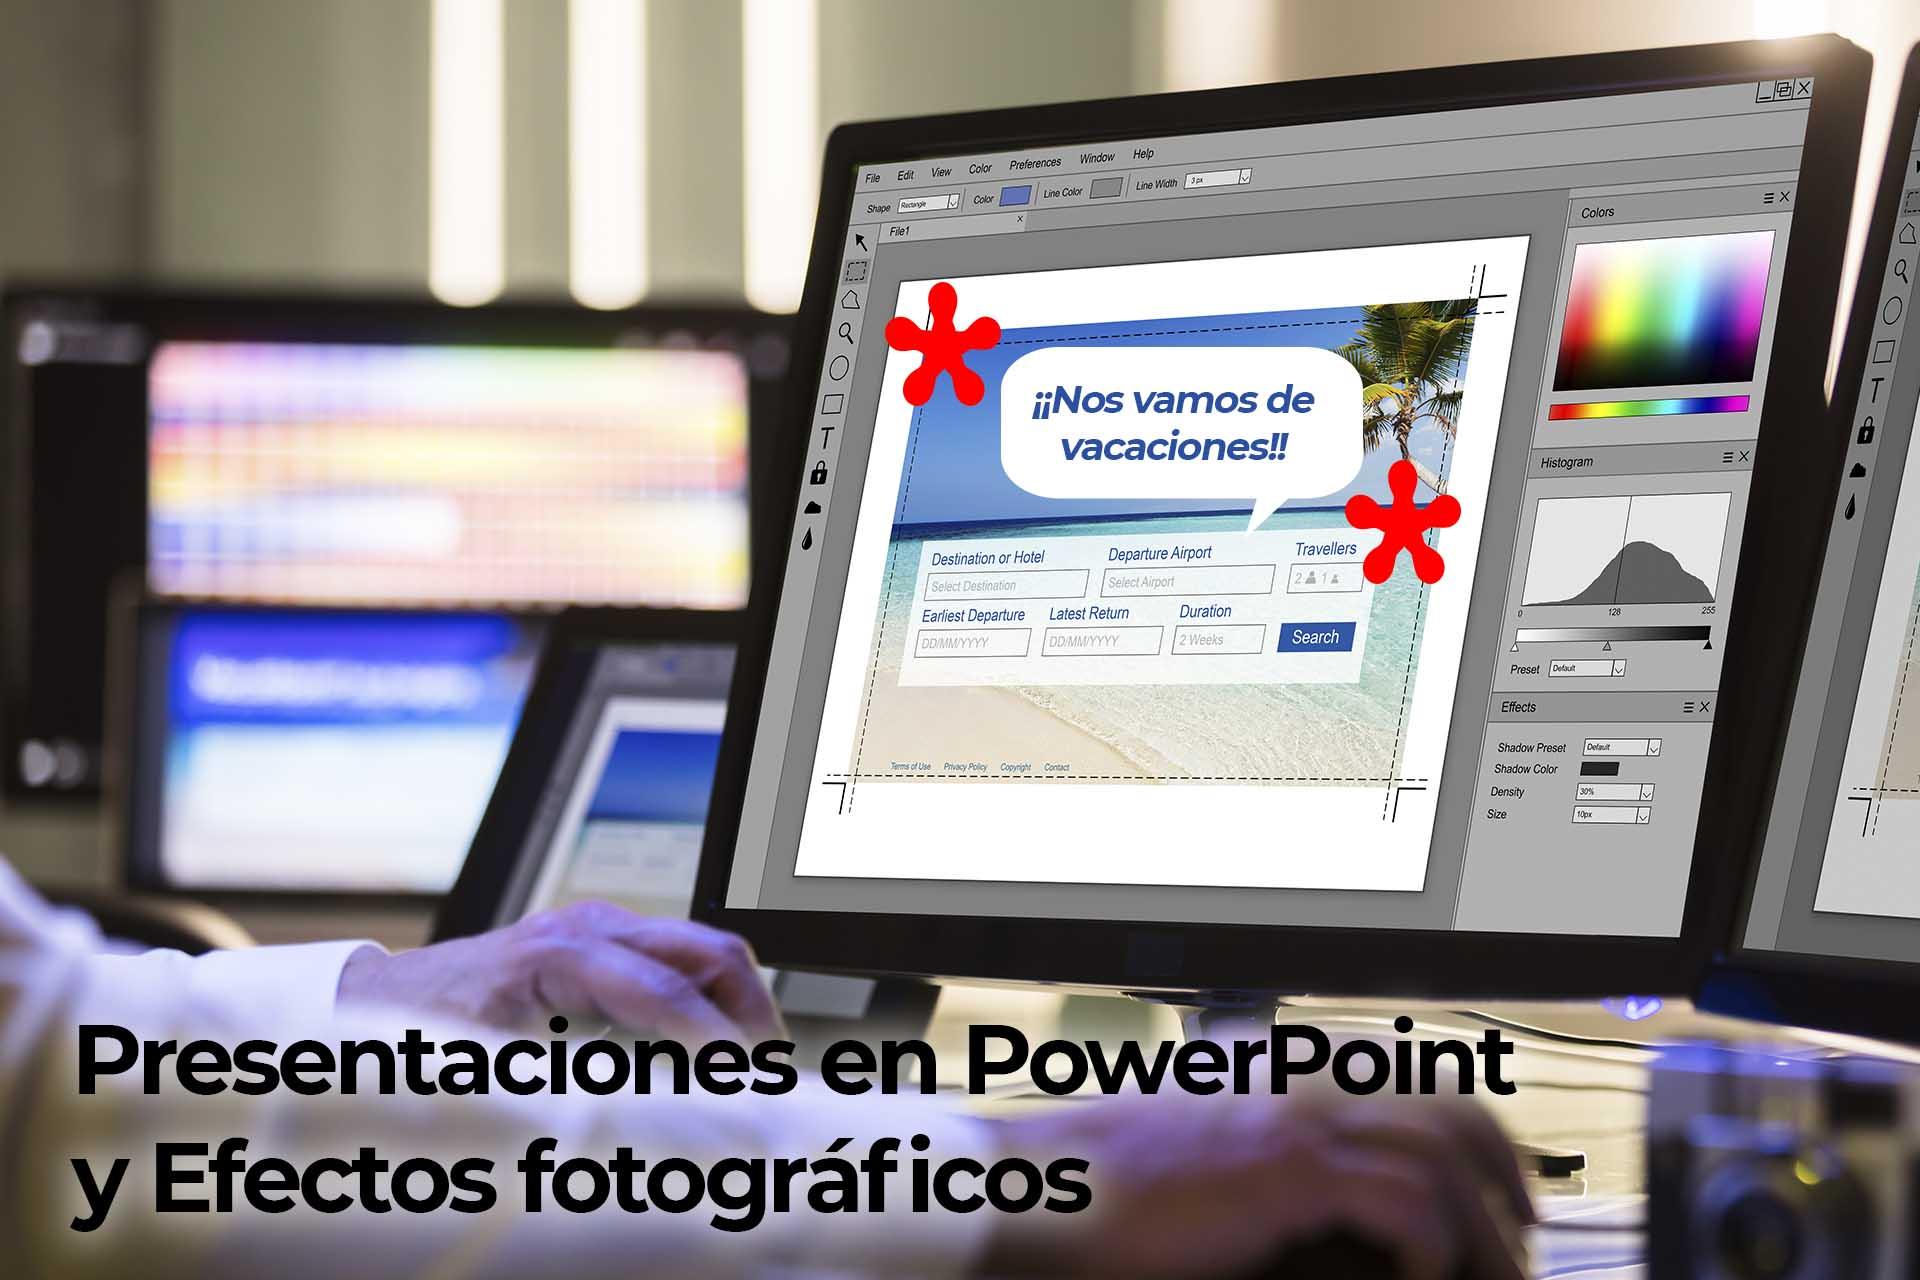 Presentaciones en PowerPoint + Efectos fotográficos